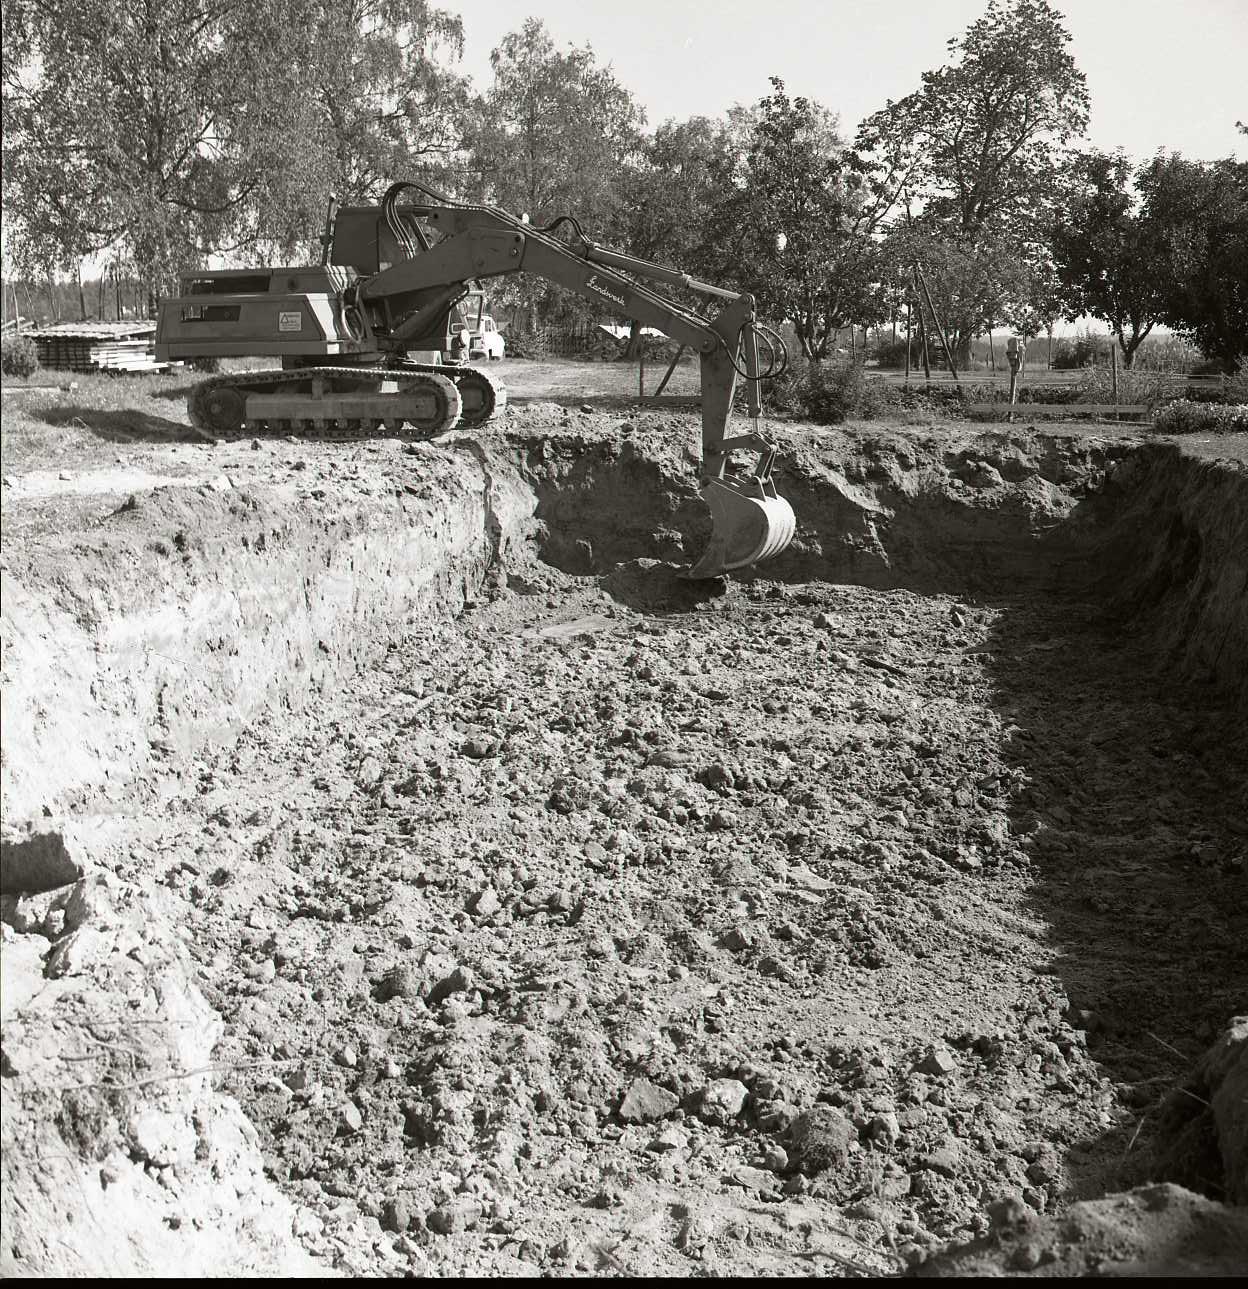 Här grävs grunden för källaren. Foto: Hilding Mickelsson